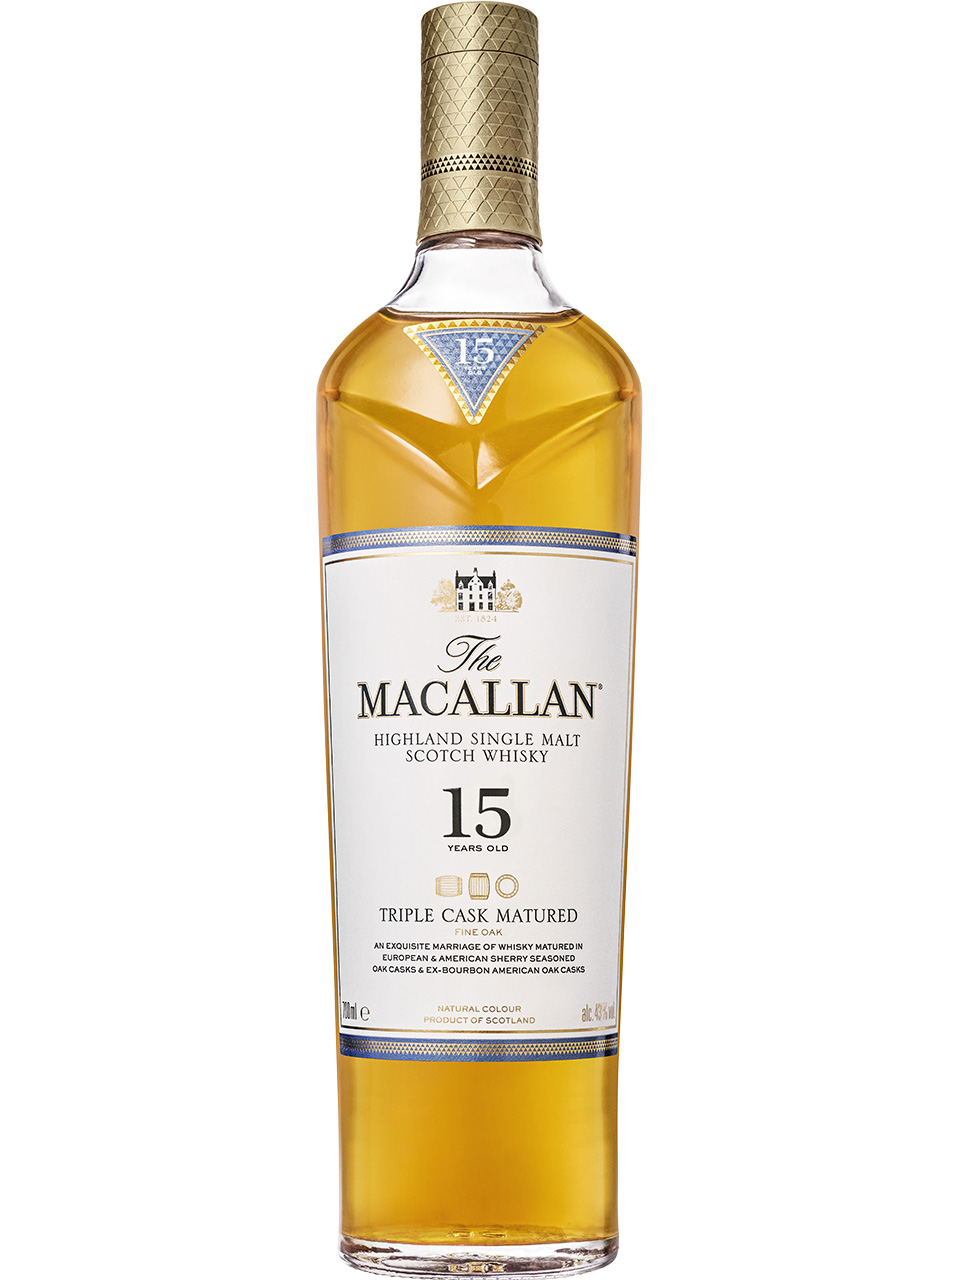 The Macallan Triple Cask 15 YO Single Malt Scotch